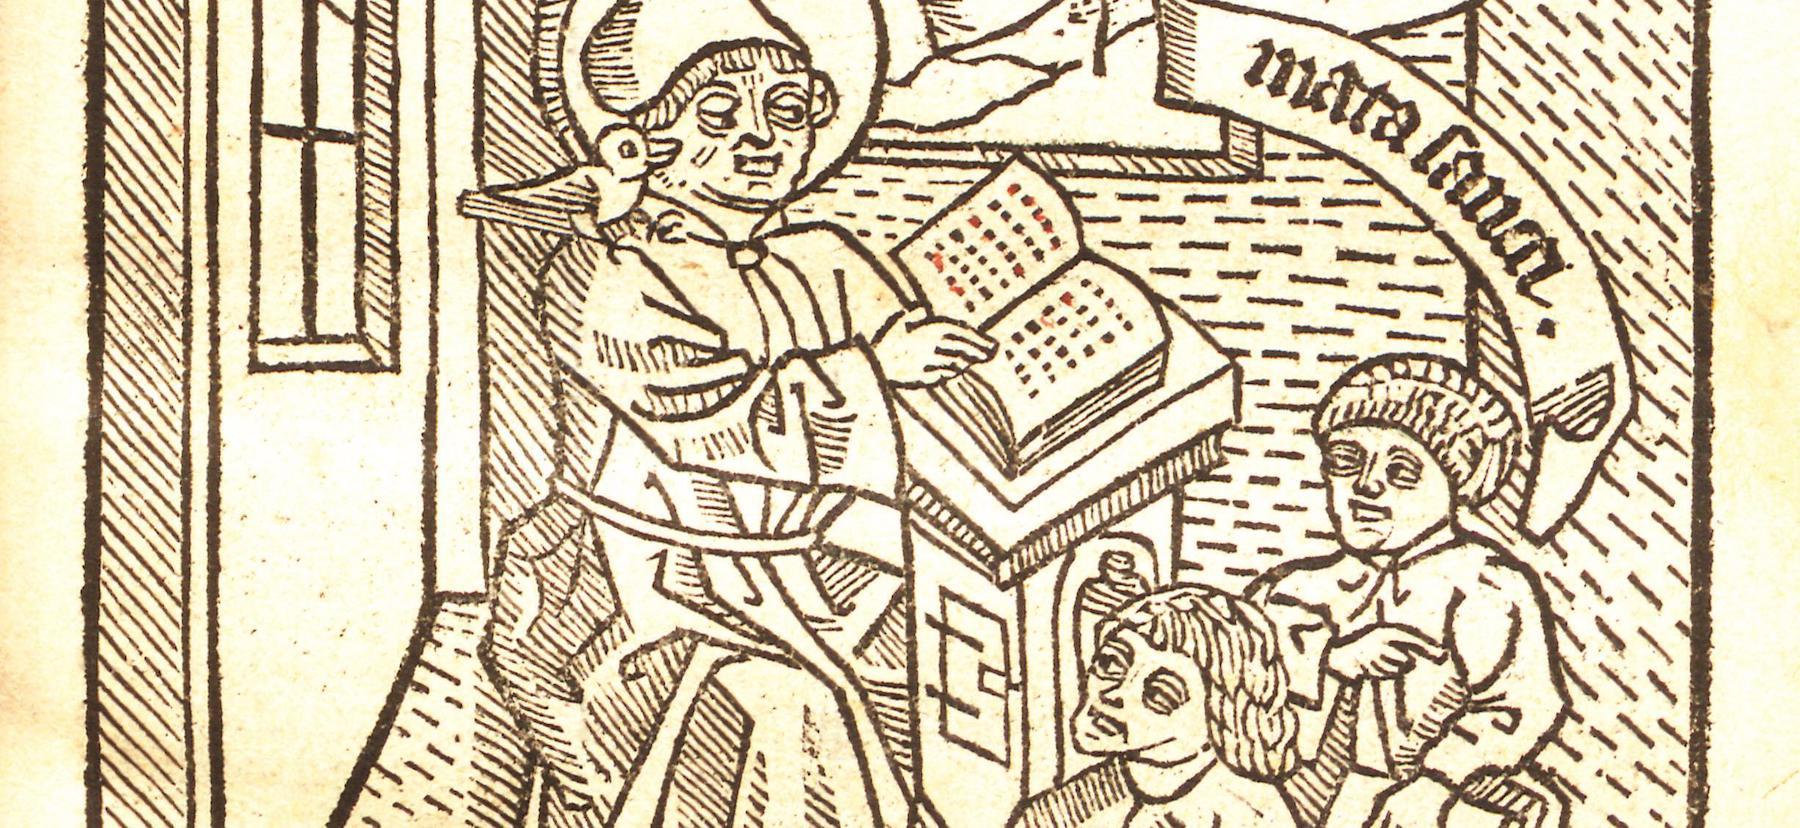 Library print exhibit